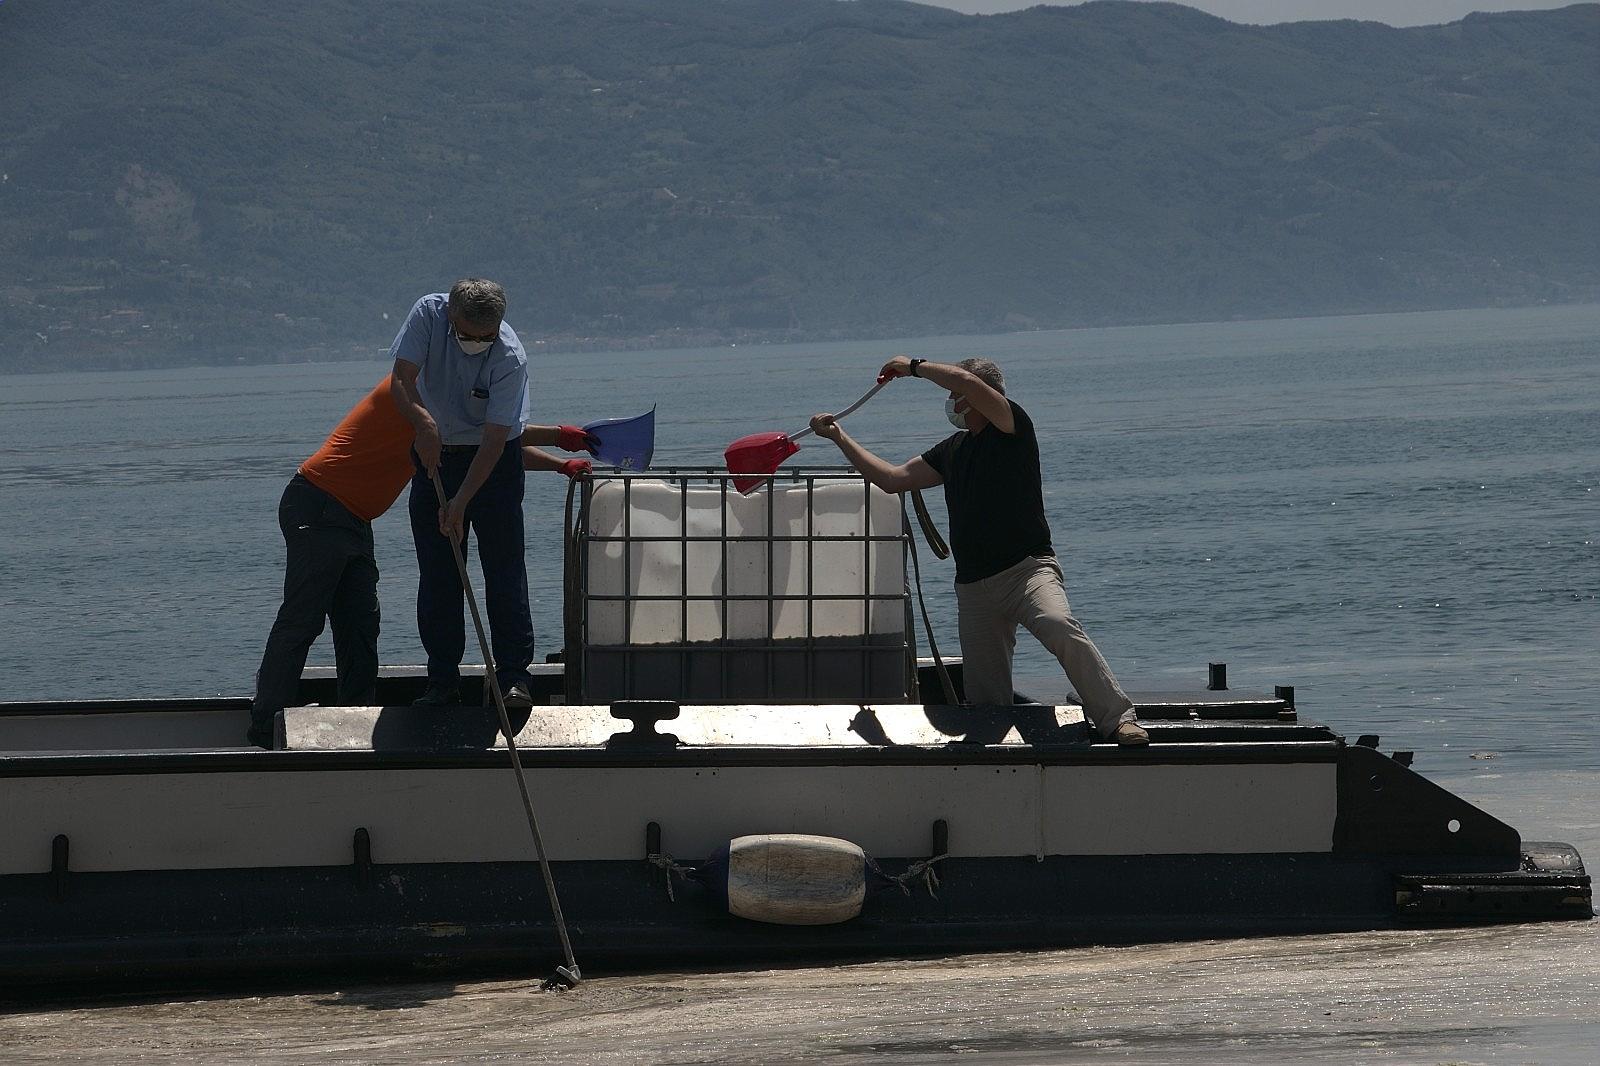 2021/06/vatandas-kureklerle-deniz-salyasi-temizledi-20210606AW33-5.jpg